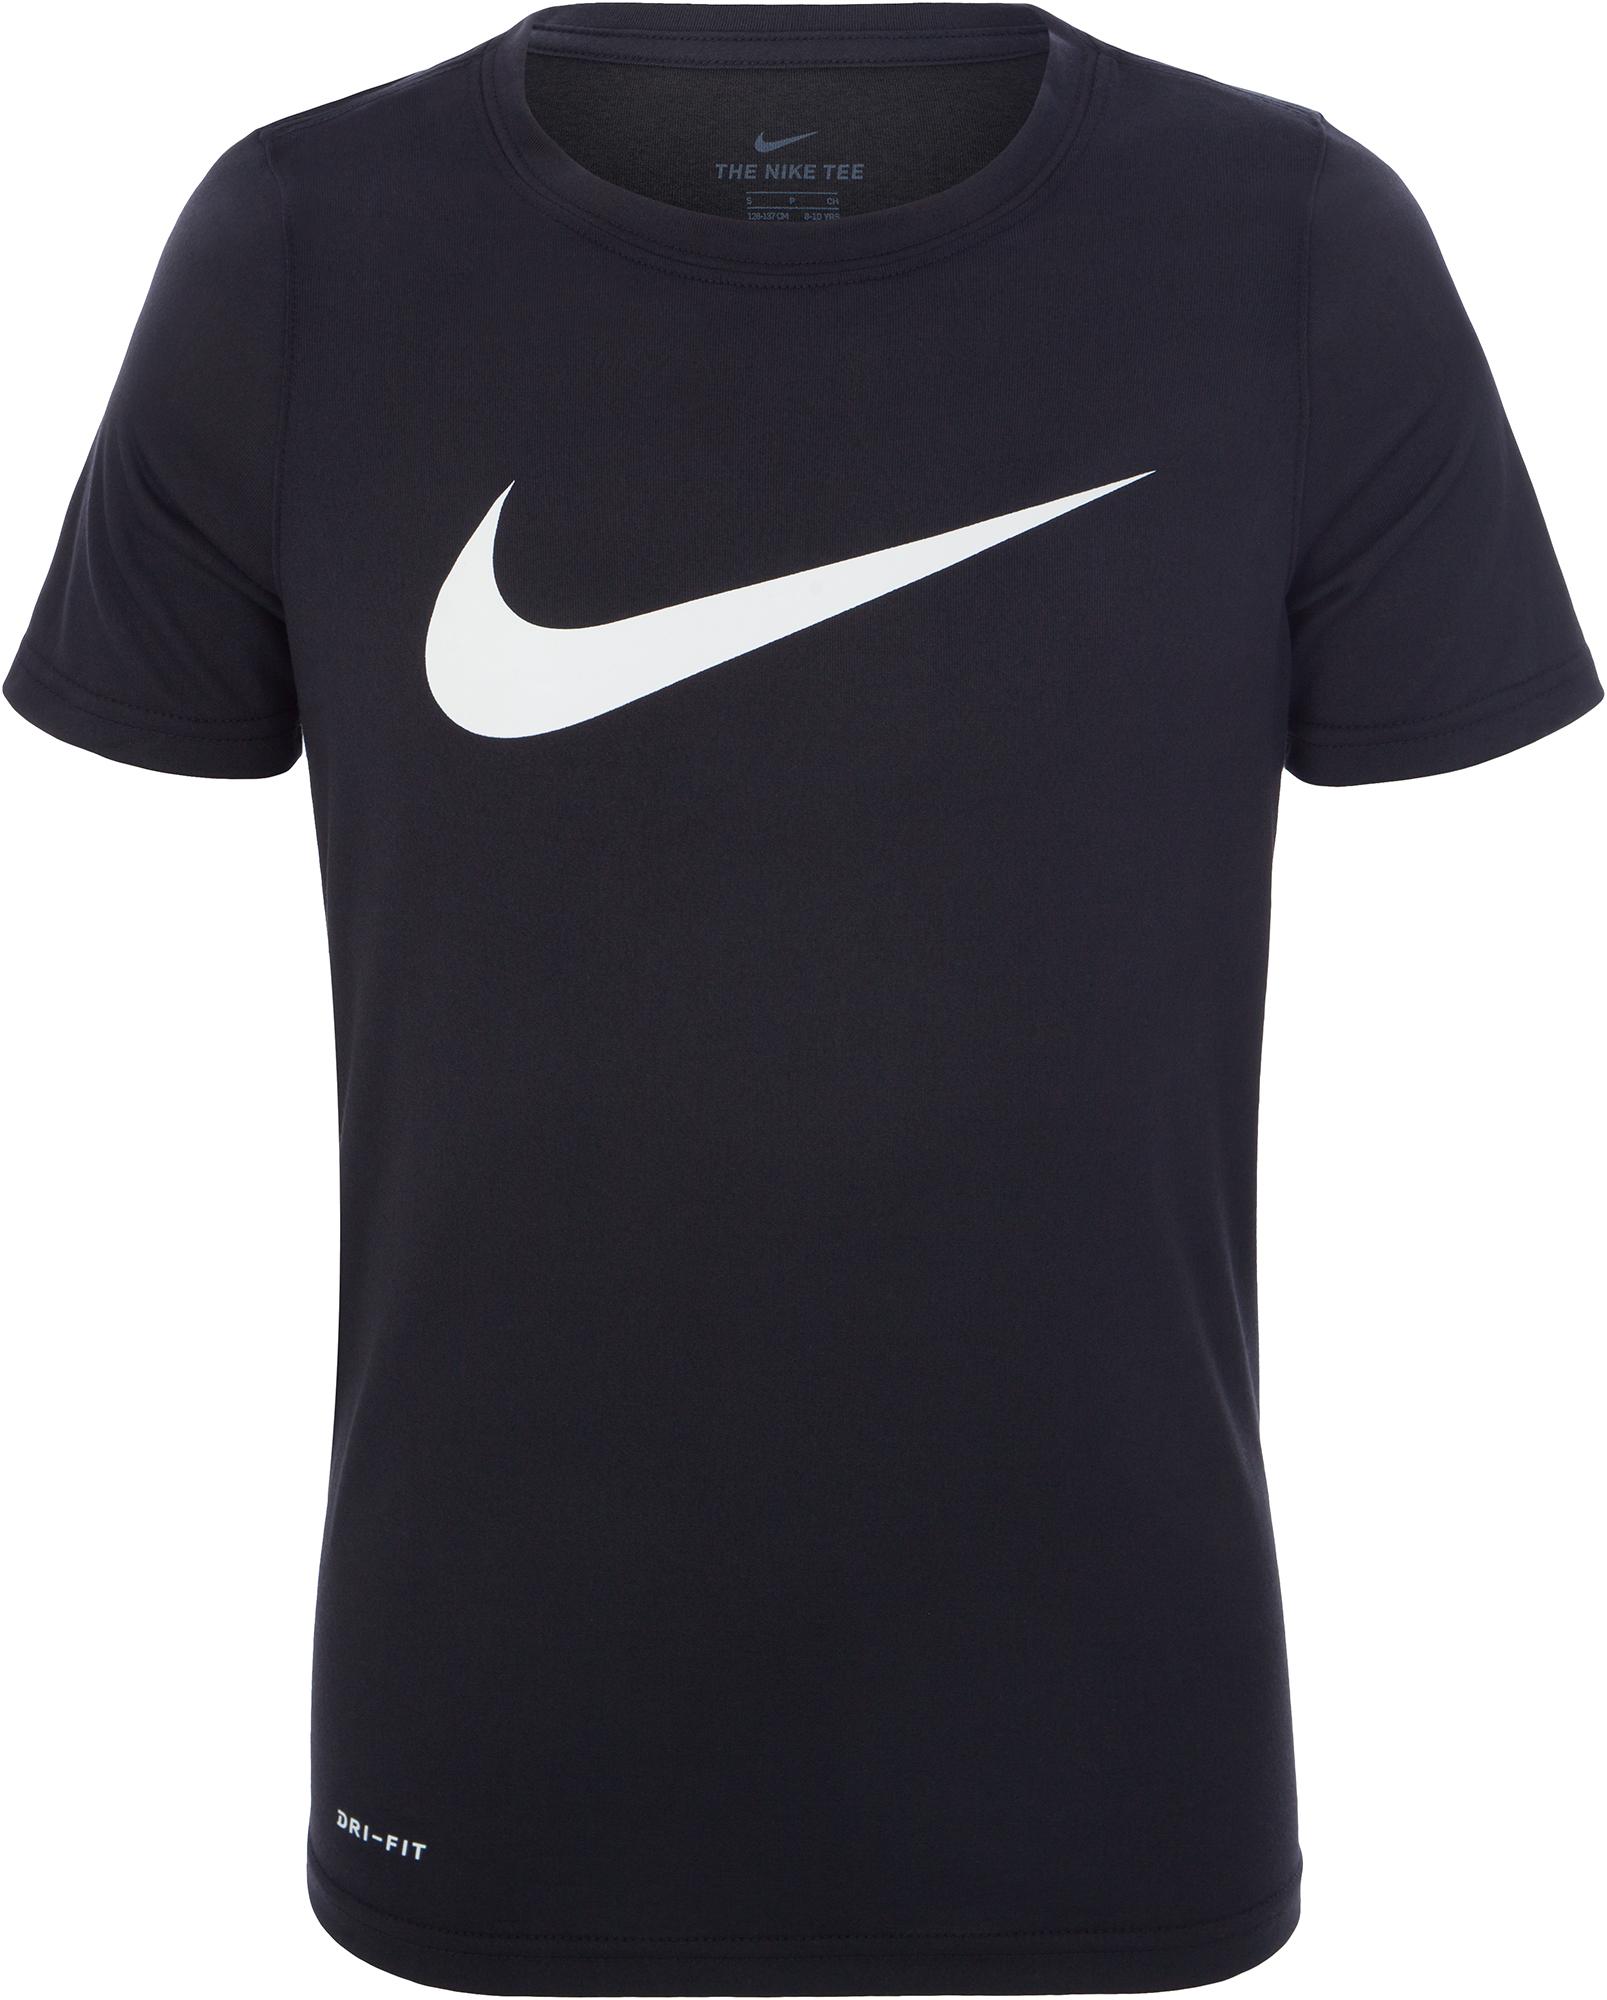 Nike Футболка для мальчиков Nike Dri-FIT, размер 147-158 цена